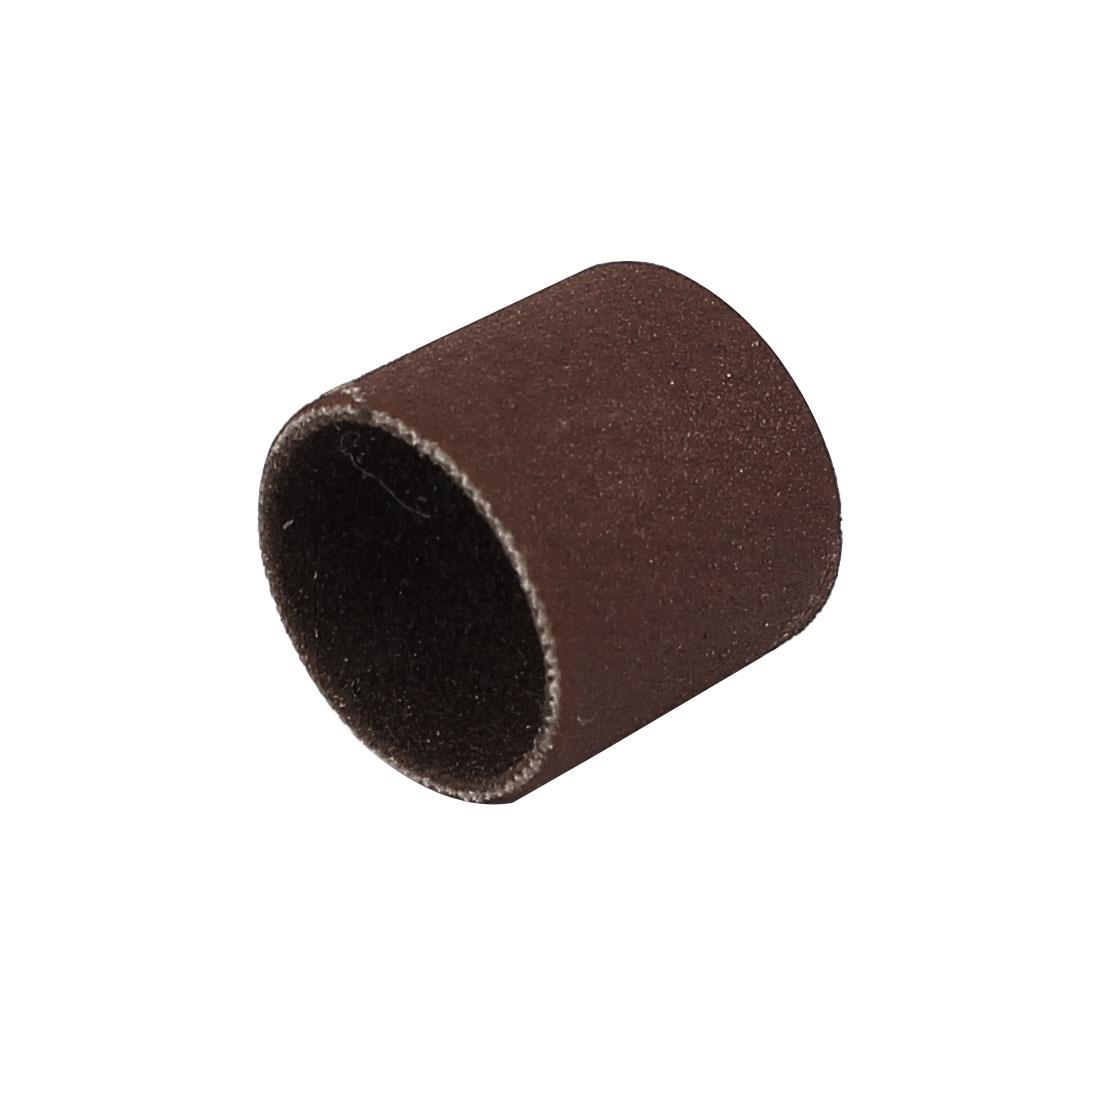 13mm Diameter 120 Grit Sanding Drums Abrasive Spiral Band Sleeves Rolls